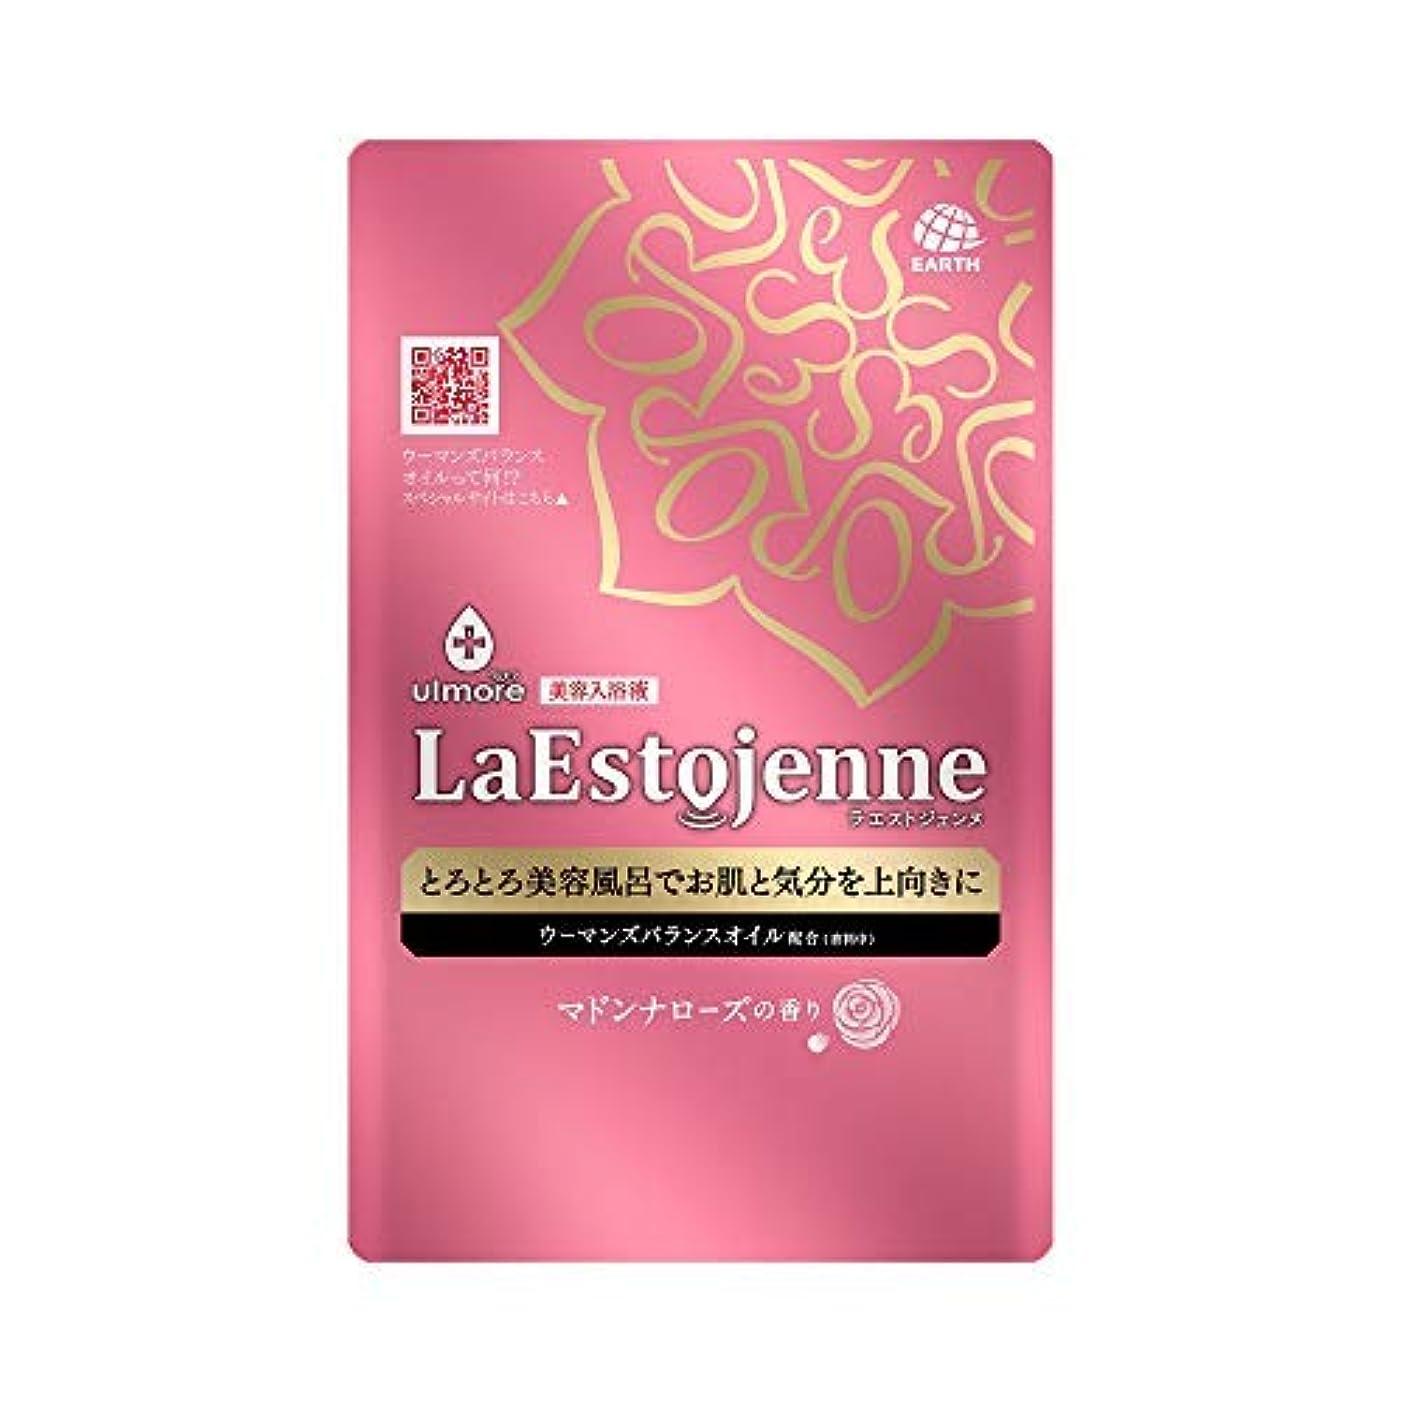 縮約確立します敬なウルモア ラエストジェンヌ マドンナローズの香り 1包 × 24個セット